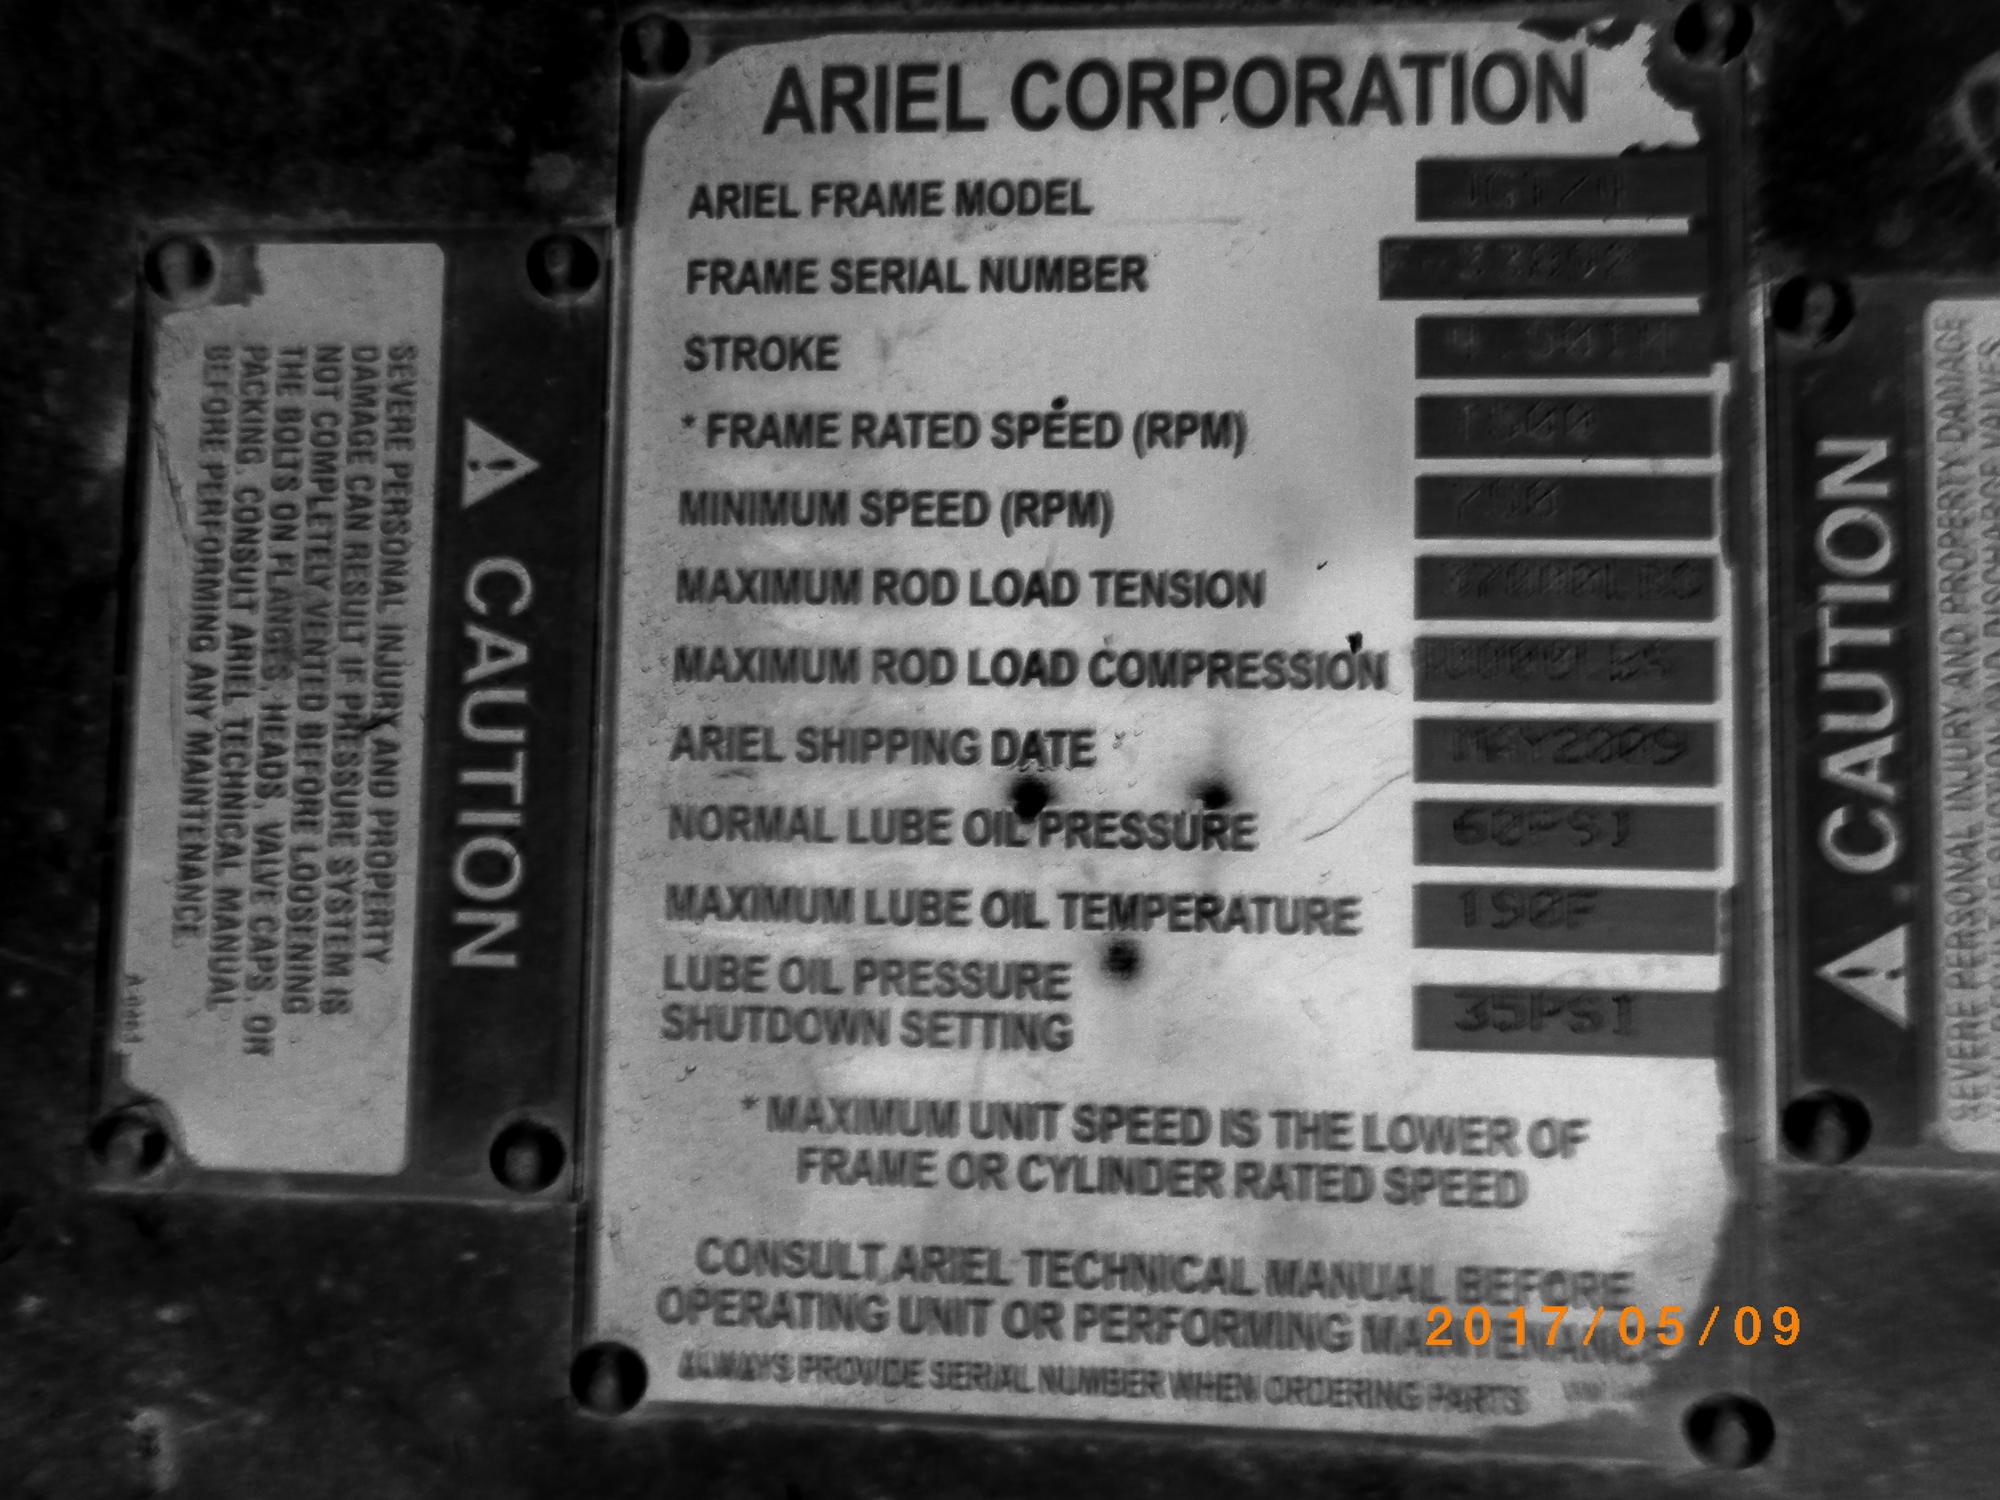 ARMOUREE - 2009 COMPRESSOR UNIT 2700 Ariel JGT/4 Recip 0 PSI